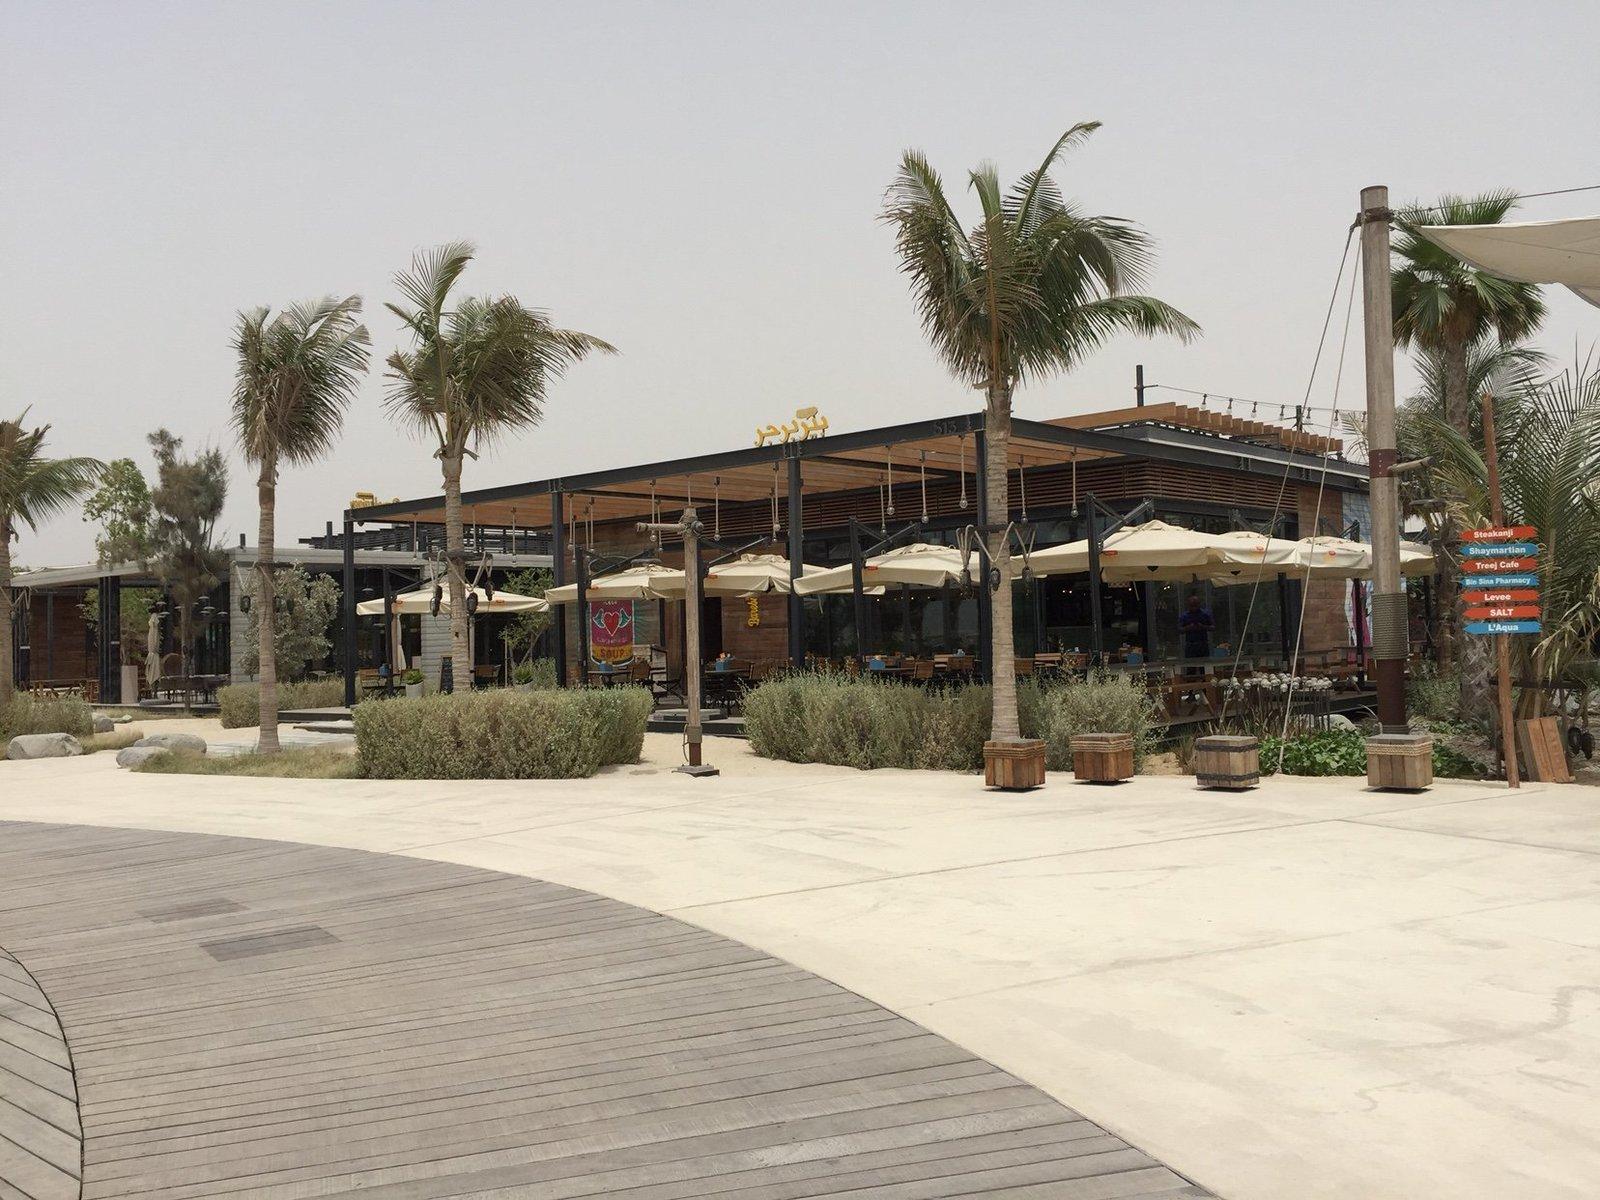 661626 المسافرون العرب دبي مدينة الجميرا